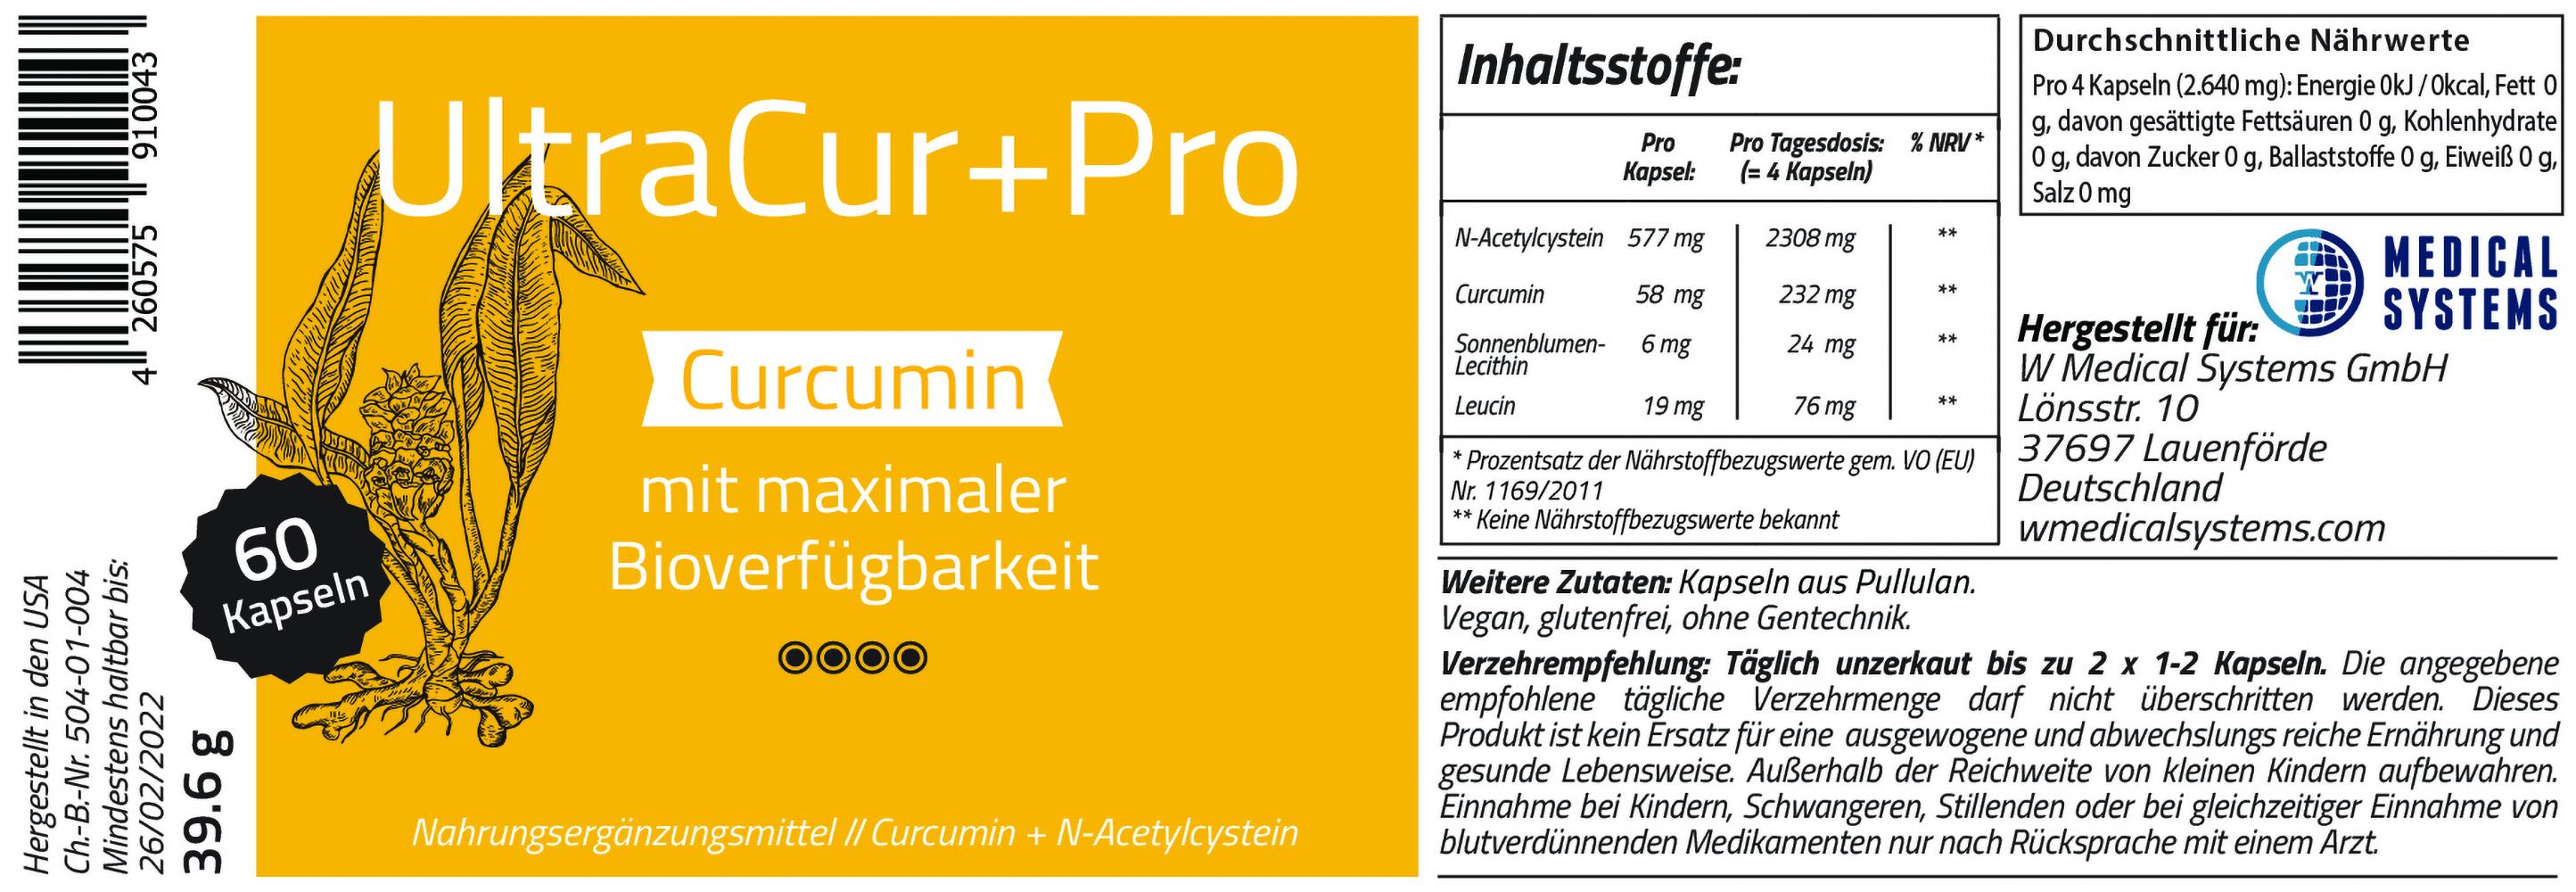 UltraCur+Pro 60 Kapseln